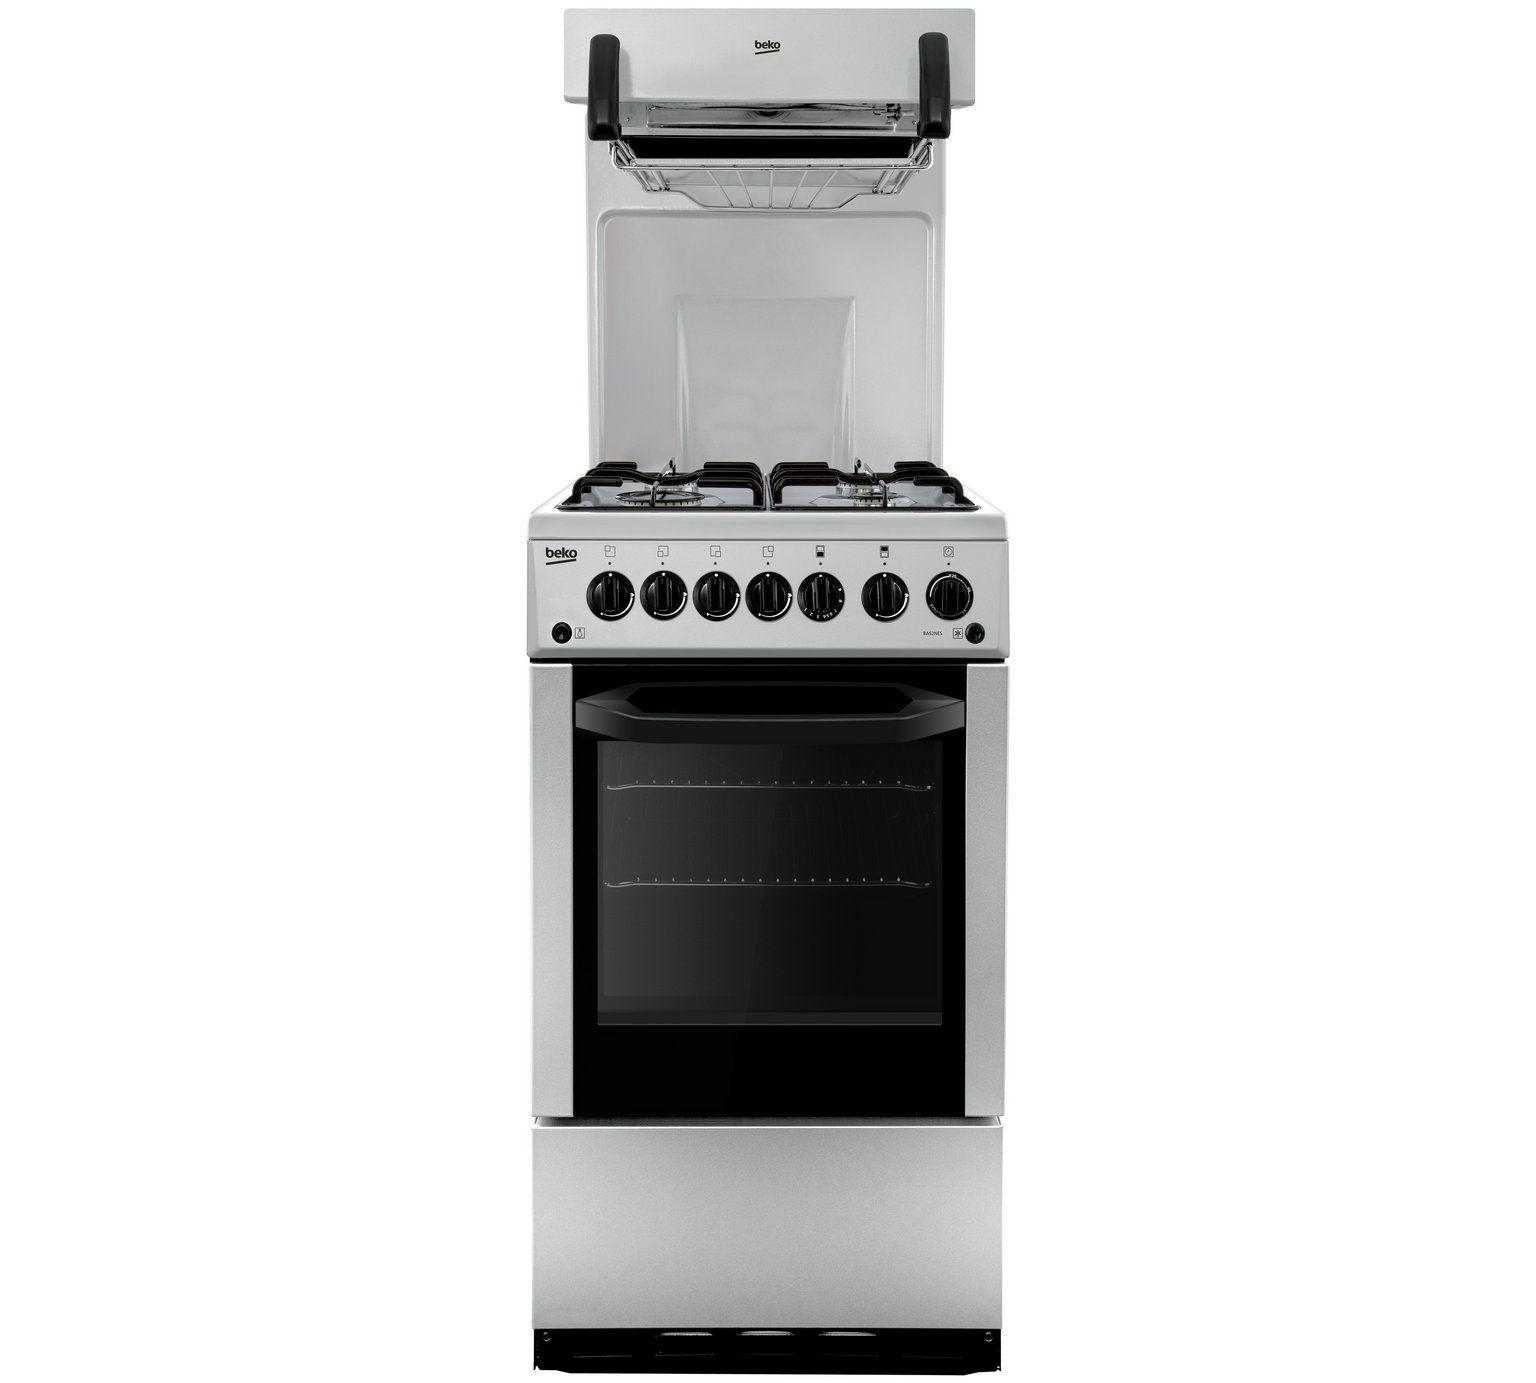 Buy Beko BA52NES Gas Cooker Silver at Argos Your line